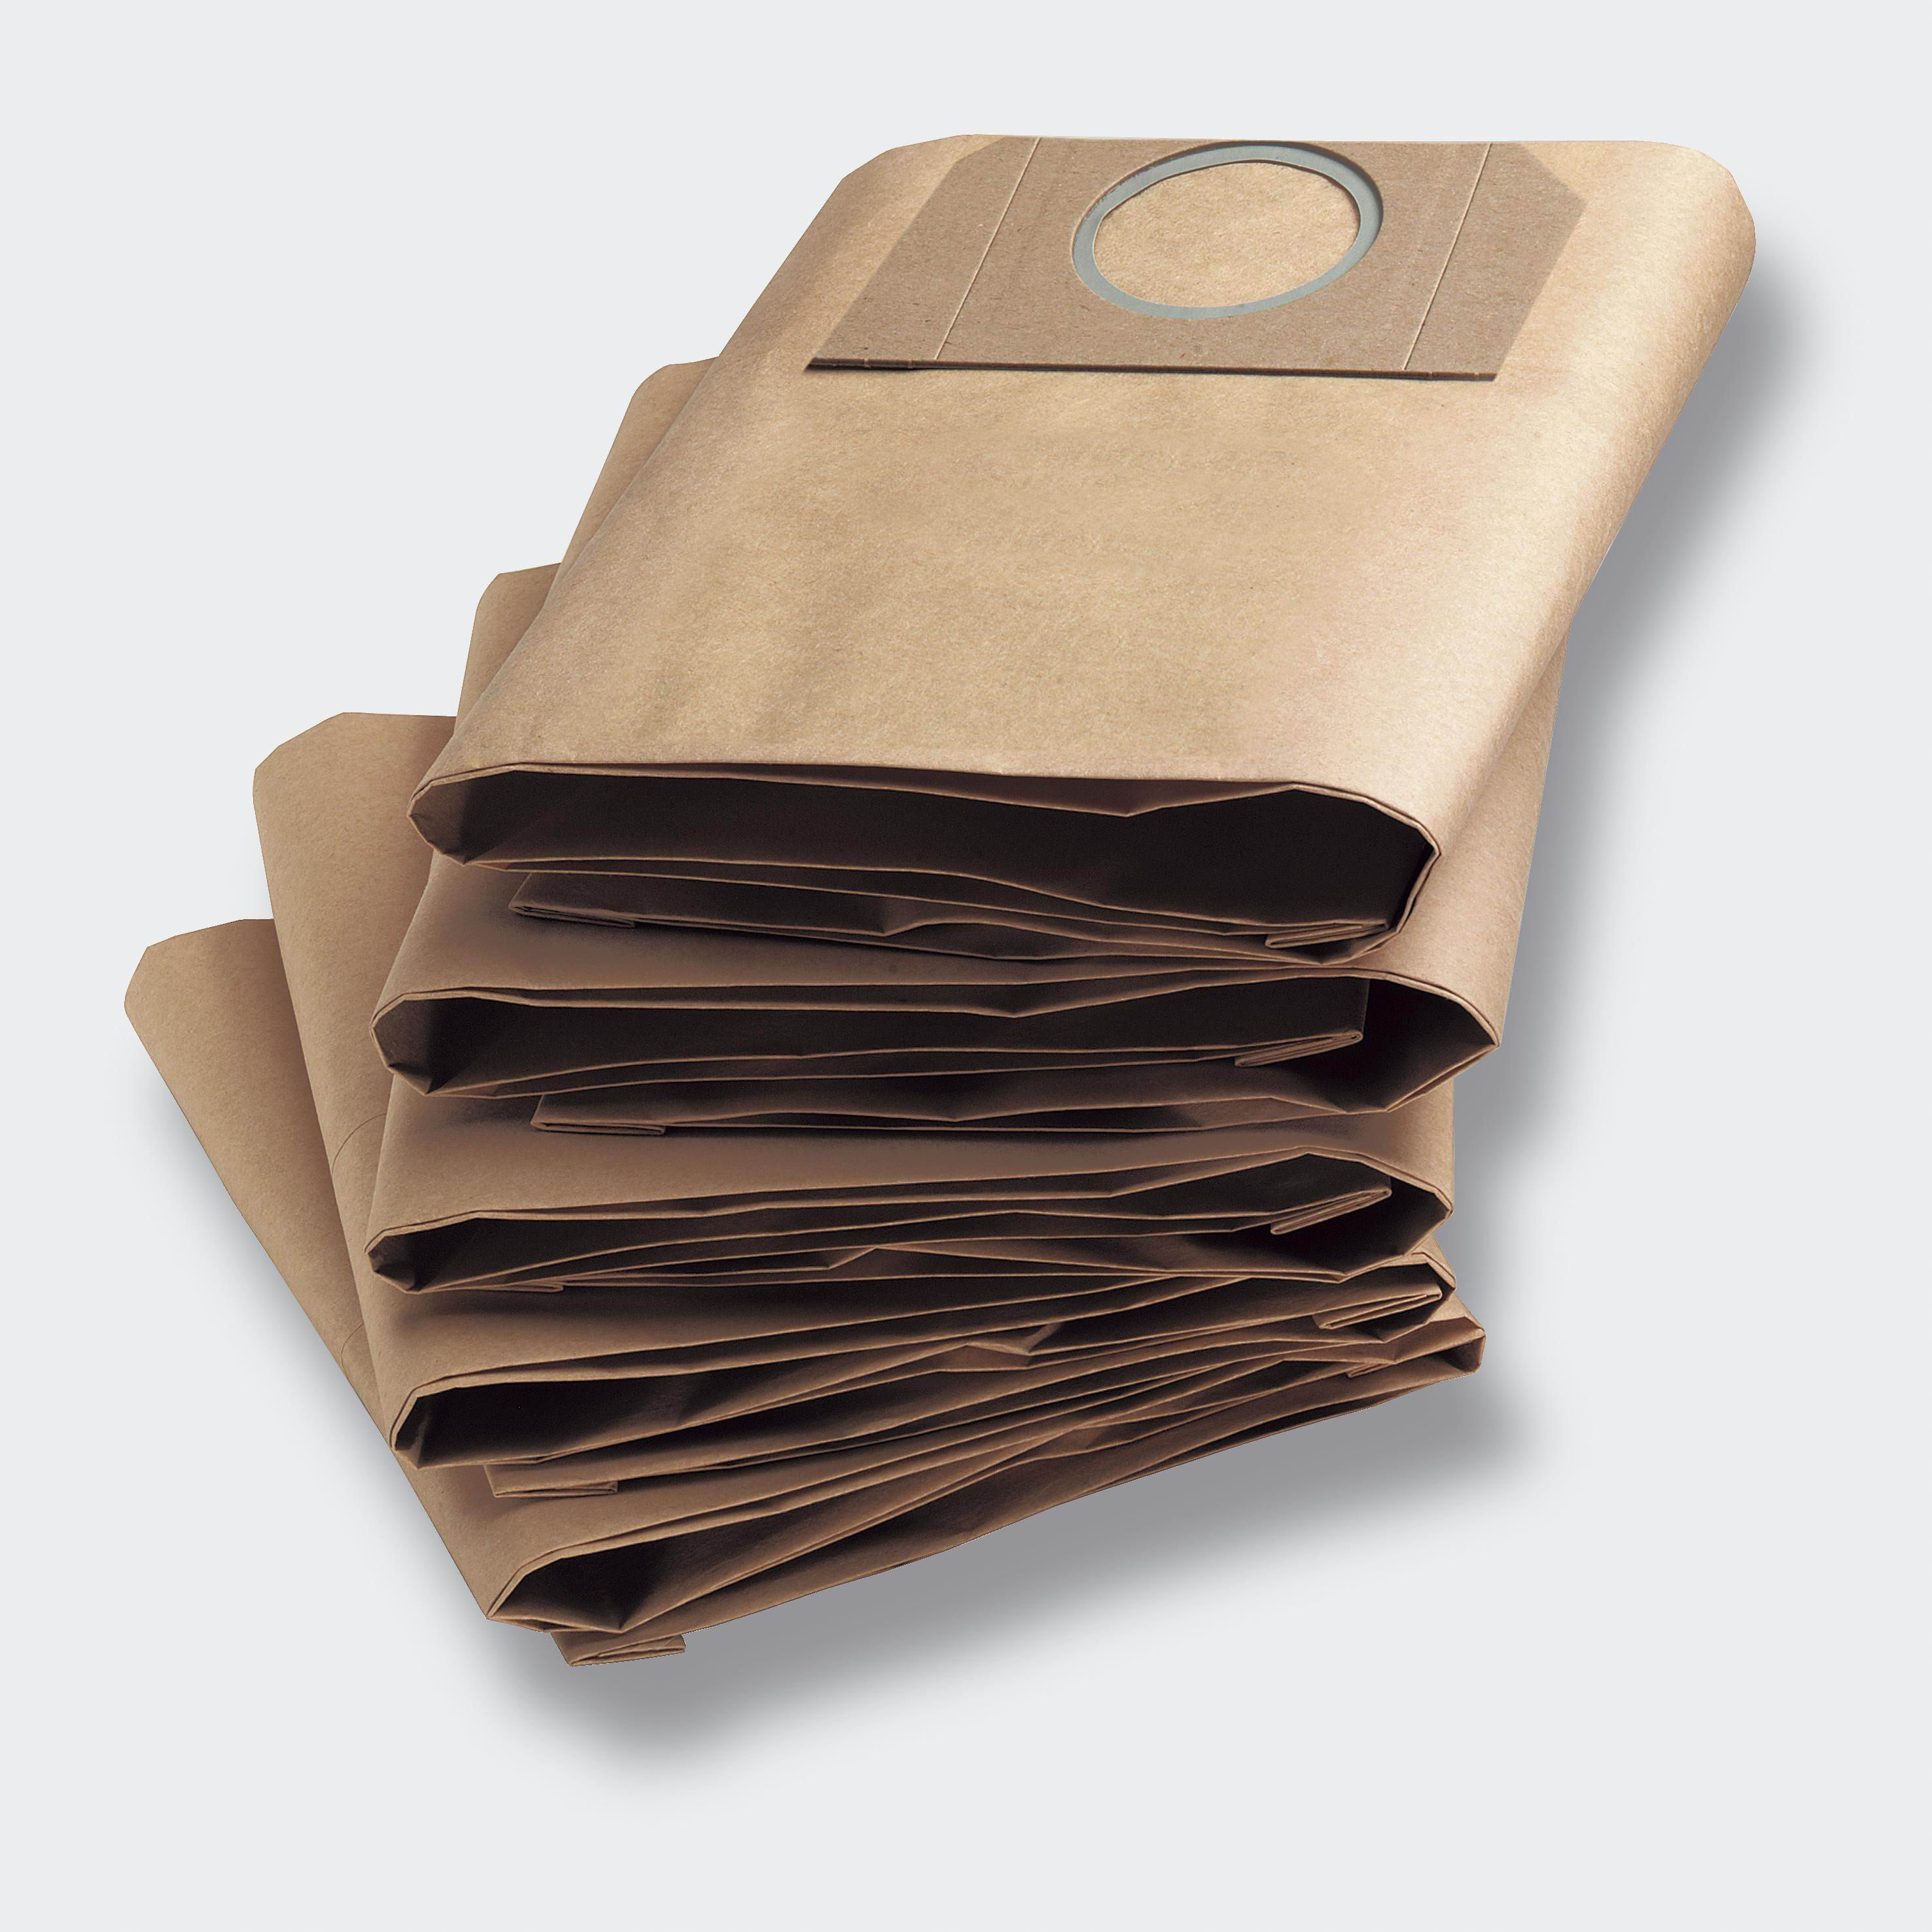 5 sacs aspirateur KARCHER WD 5200M lot de 5 sacs